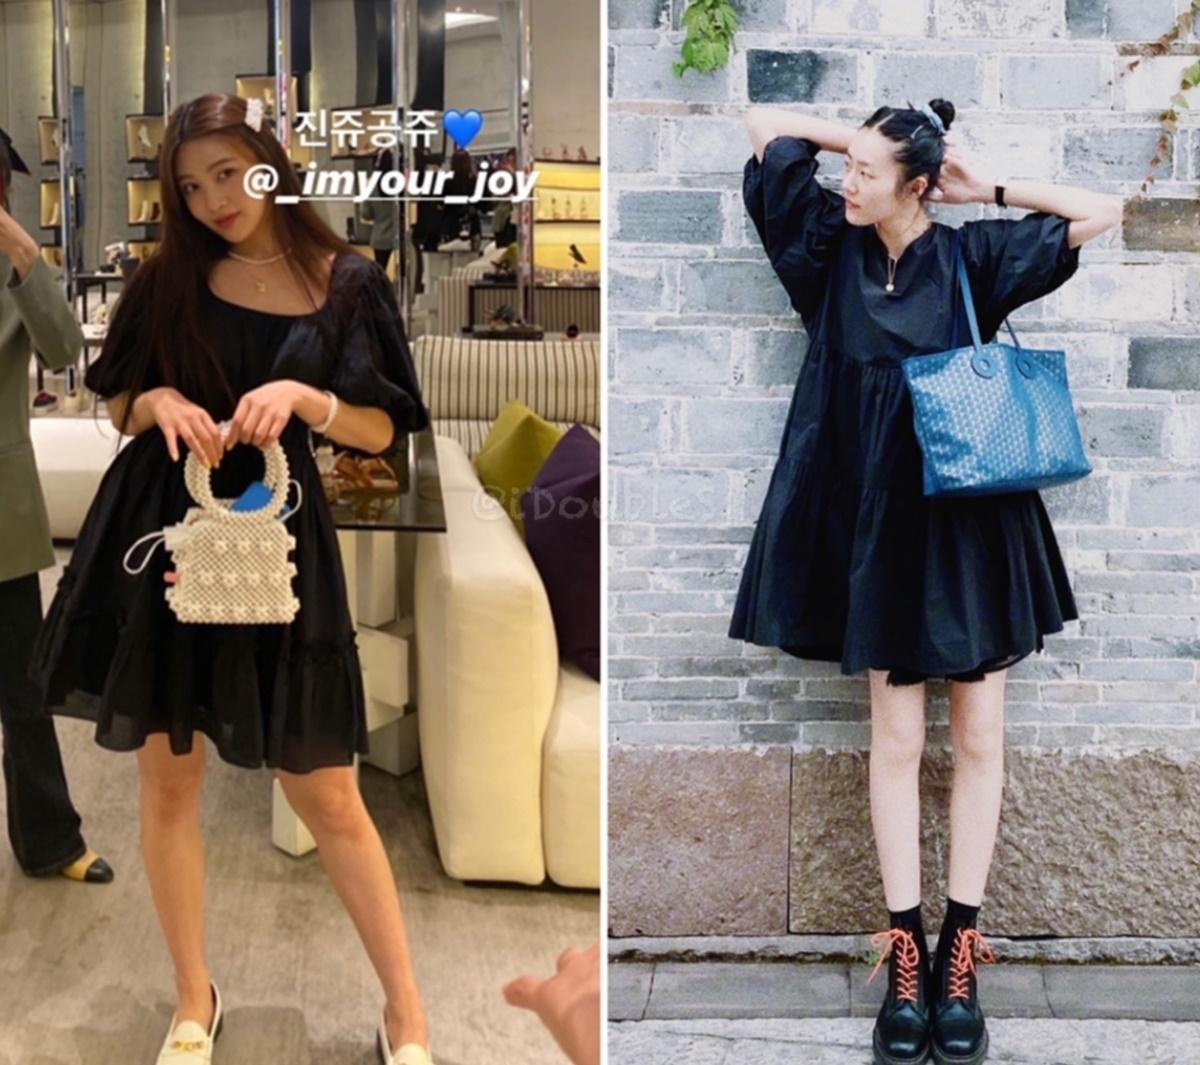 Joy (Red Velvet) và siêu mẫu Liu Wen đụng đầm babydoll của thương hiệu & Other Stories. Nữ idol Kpop phối phụ kiện túi xách, giày, vòng tay cùng tông trắng be để tạo điểm nhấn. Còn Liu Wen mix váy với boots đen đồng điệu làm nổi bật cặp chân thon.